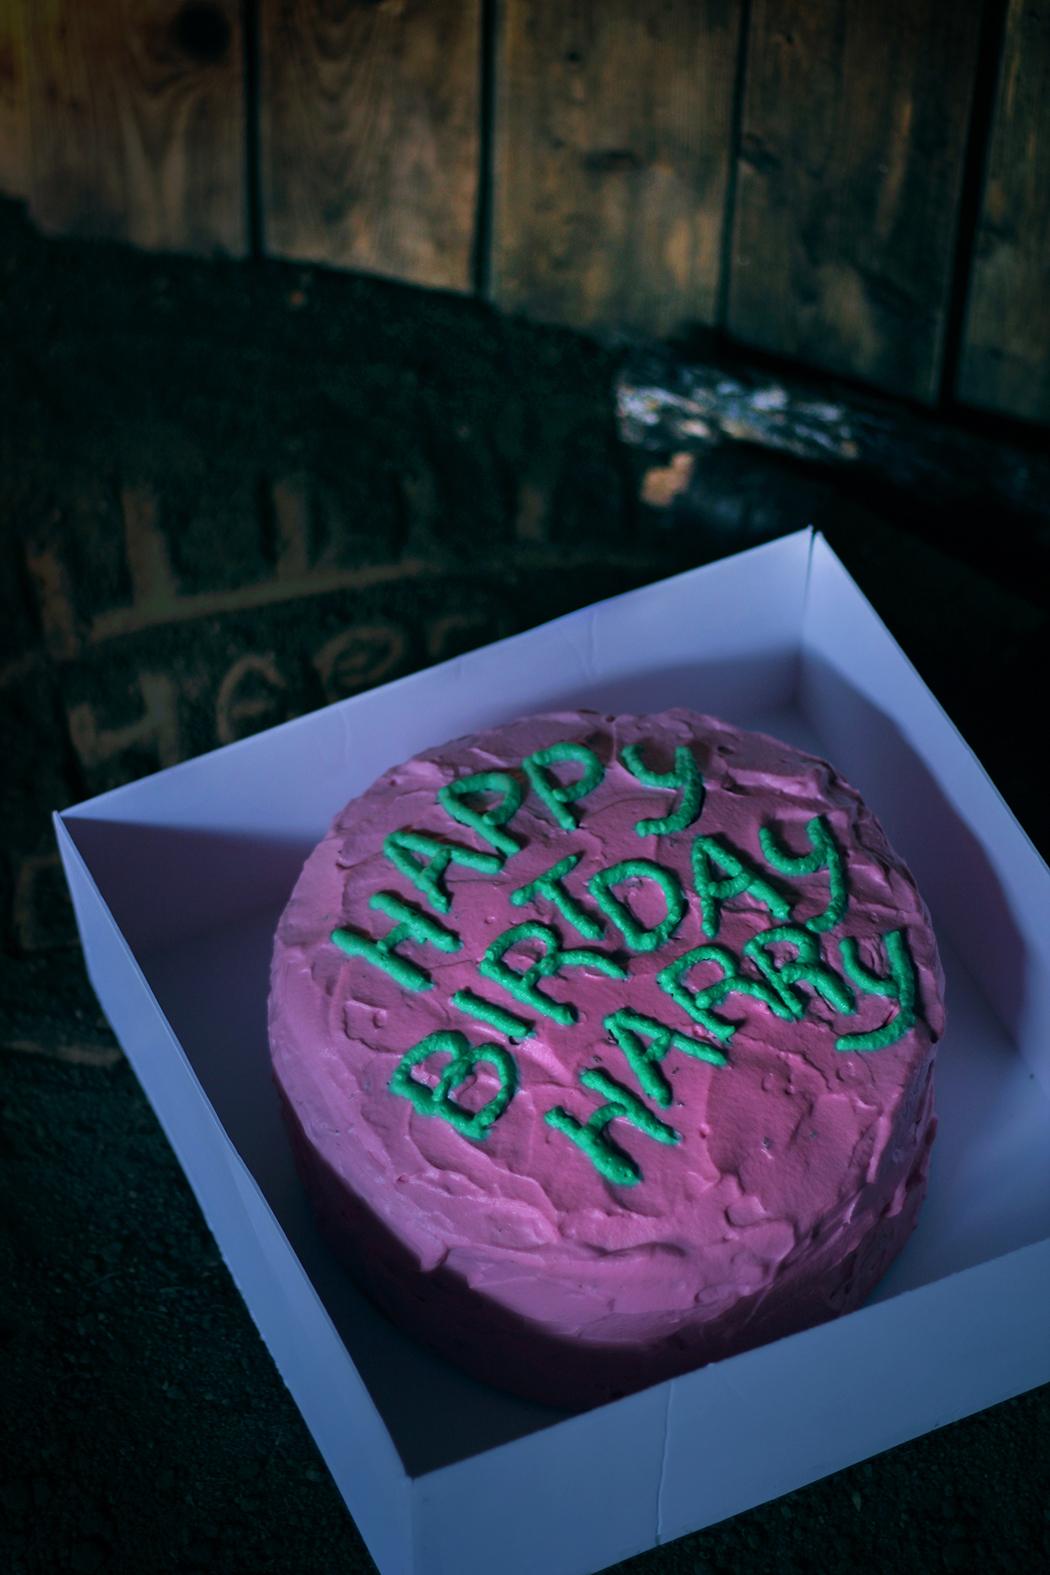 Anniversaire Harry Potter Gateau.A Table Dans Harry Potter 4 Happy Birthday Harry Gateau